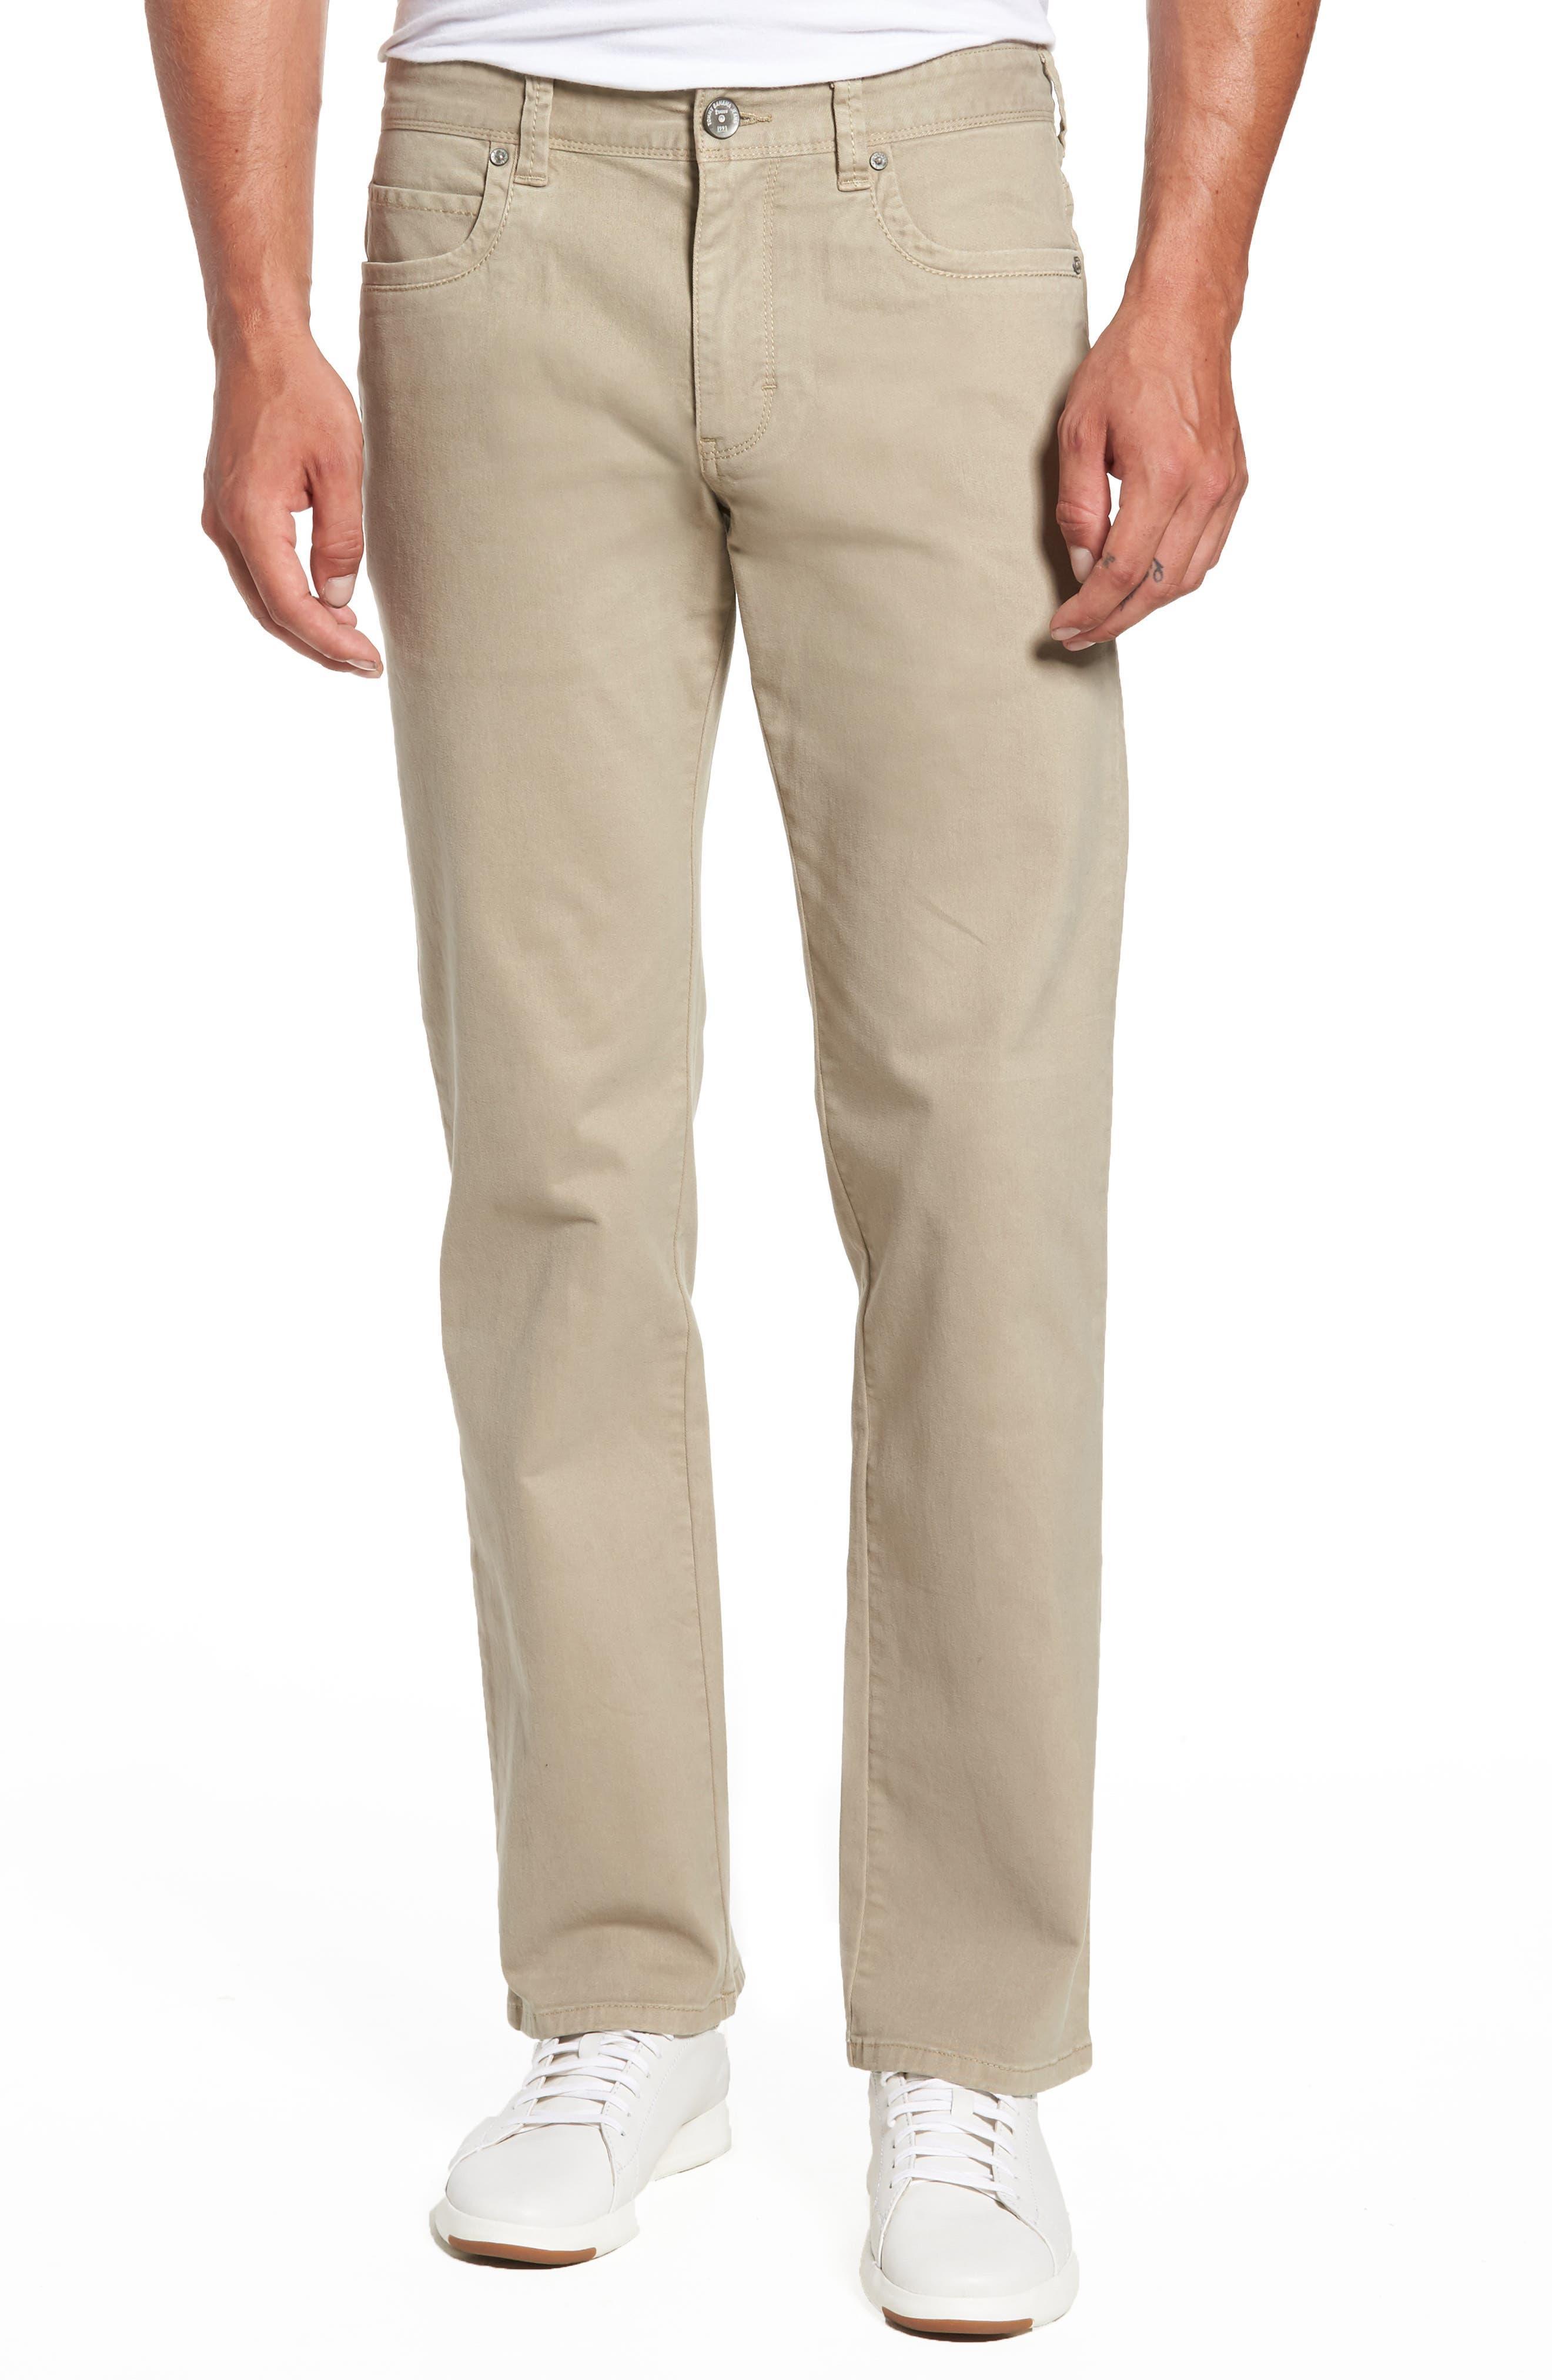 Boracay Pants,                         Main,                         color, Khaki